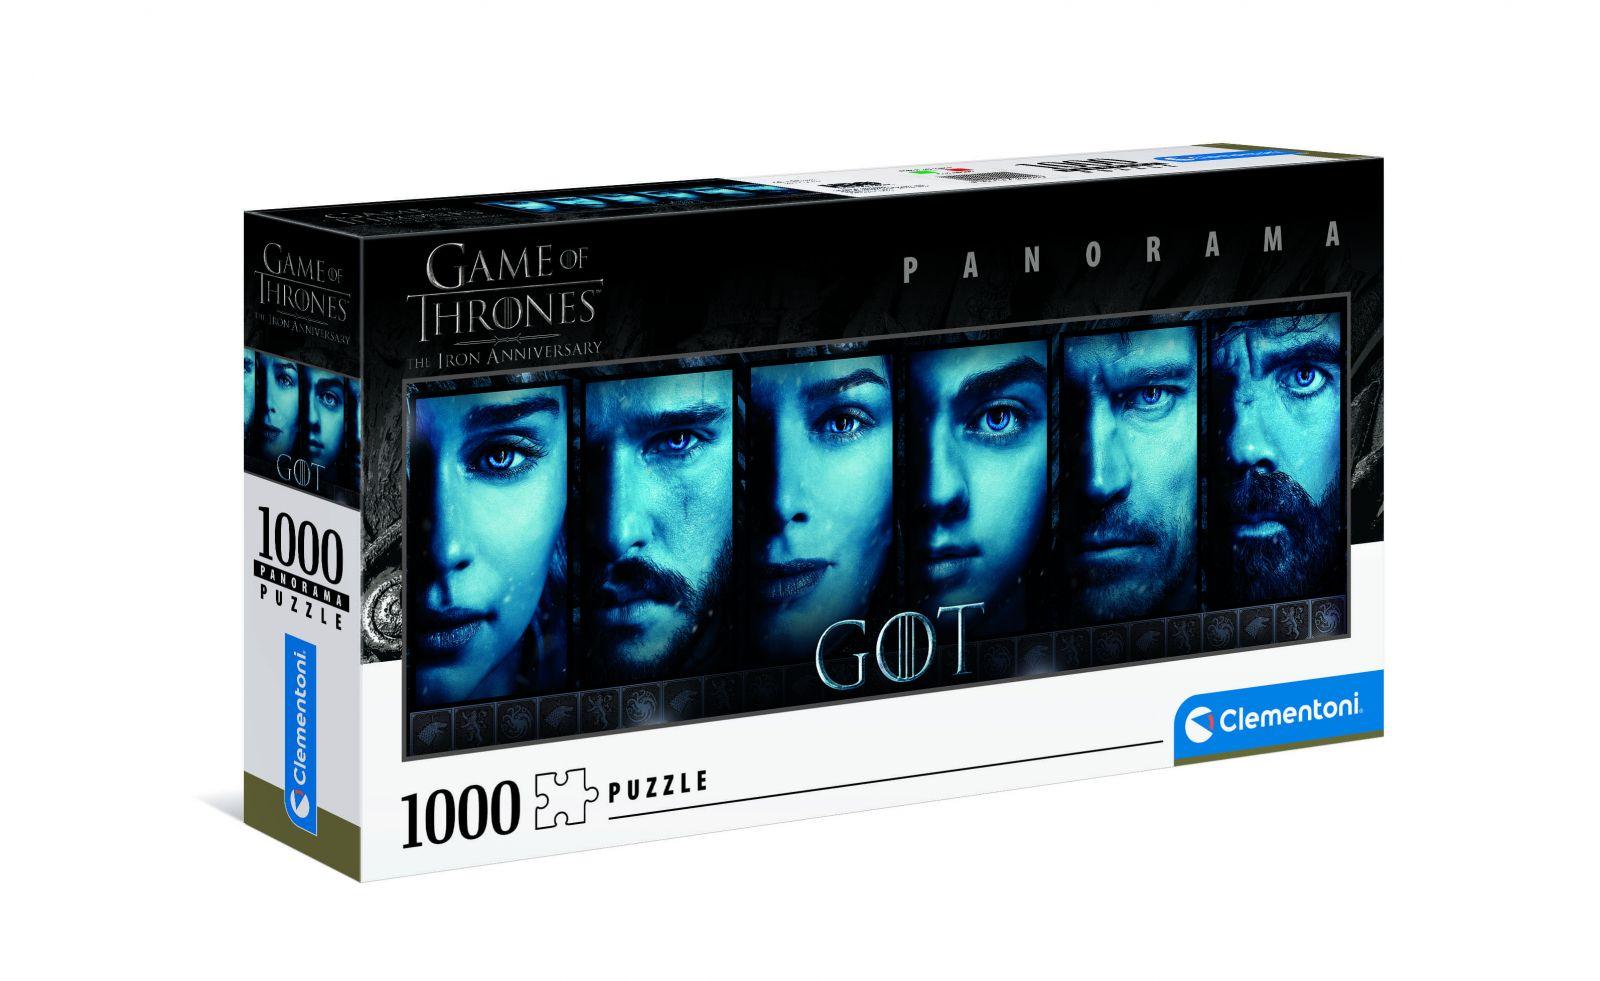 Puzzle Clementoni 1000 dílků panorama - Hra o trůny 39590